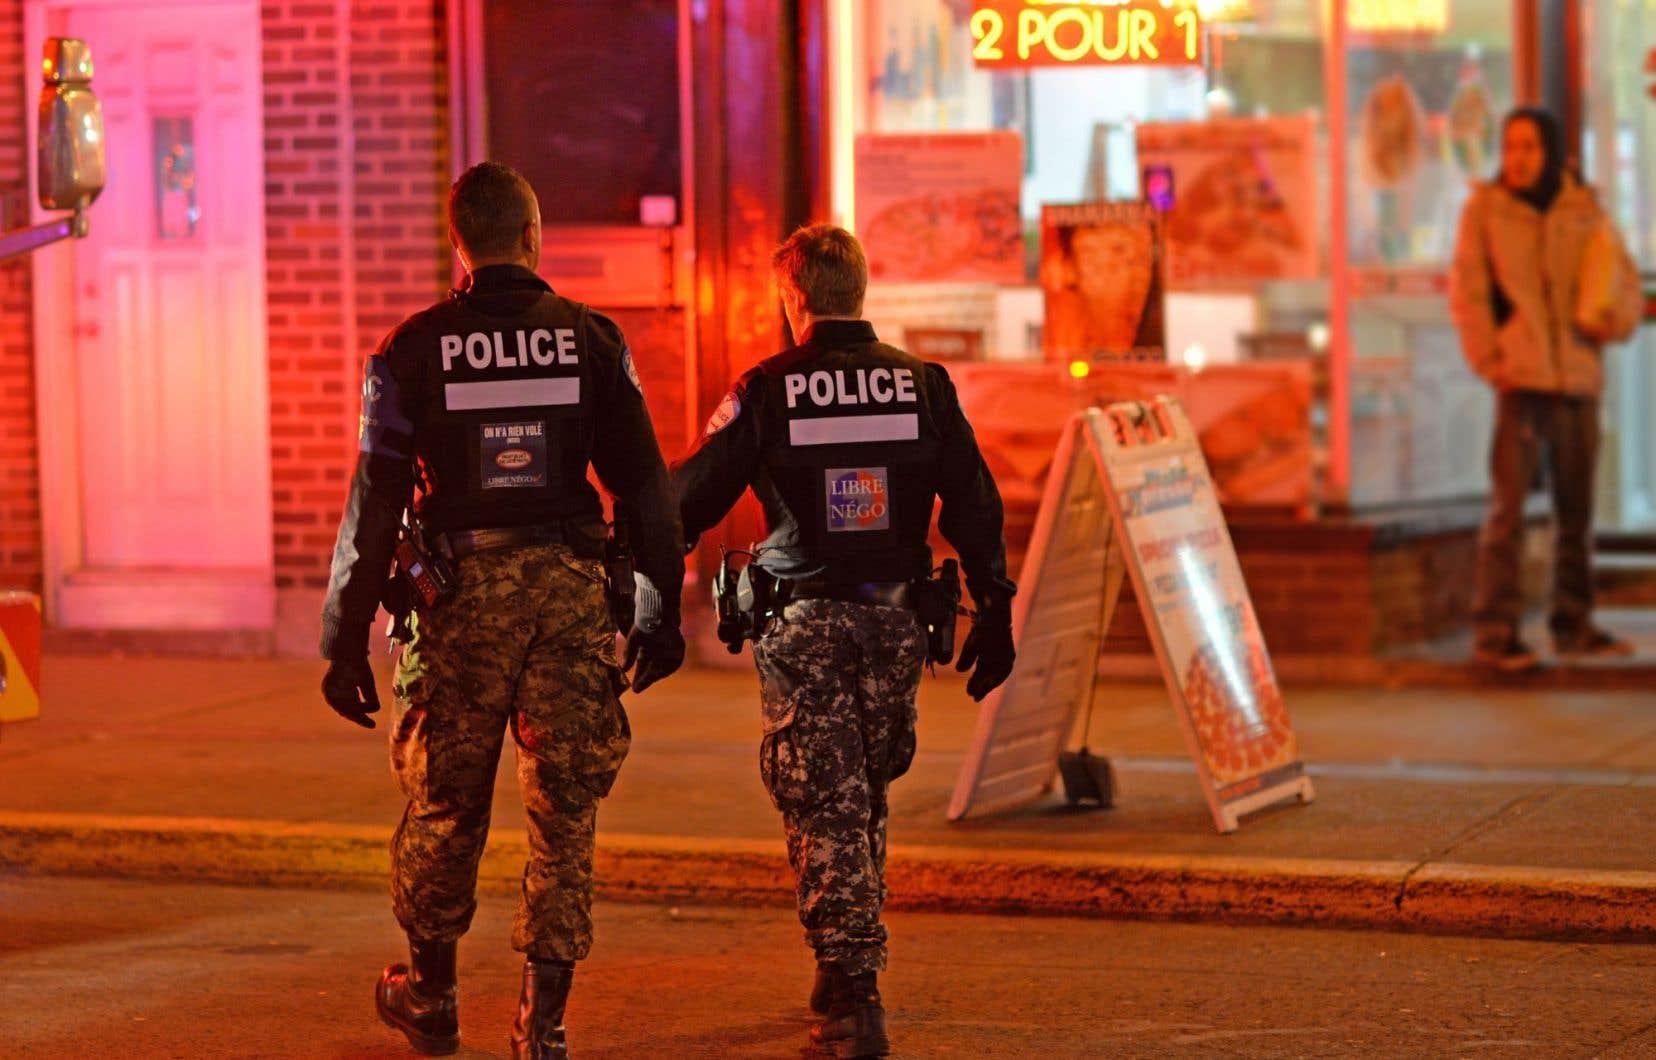 L'organisation policière montréalaise atteint ses objectifs communautaires, estime la chercheuse Véronique Laprise. Elle ne permettrait cependant pas de dépister les individus radicalisés.